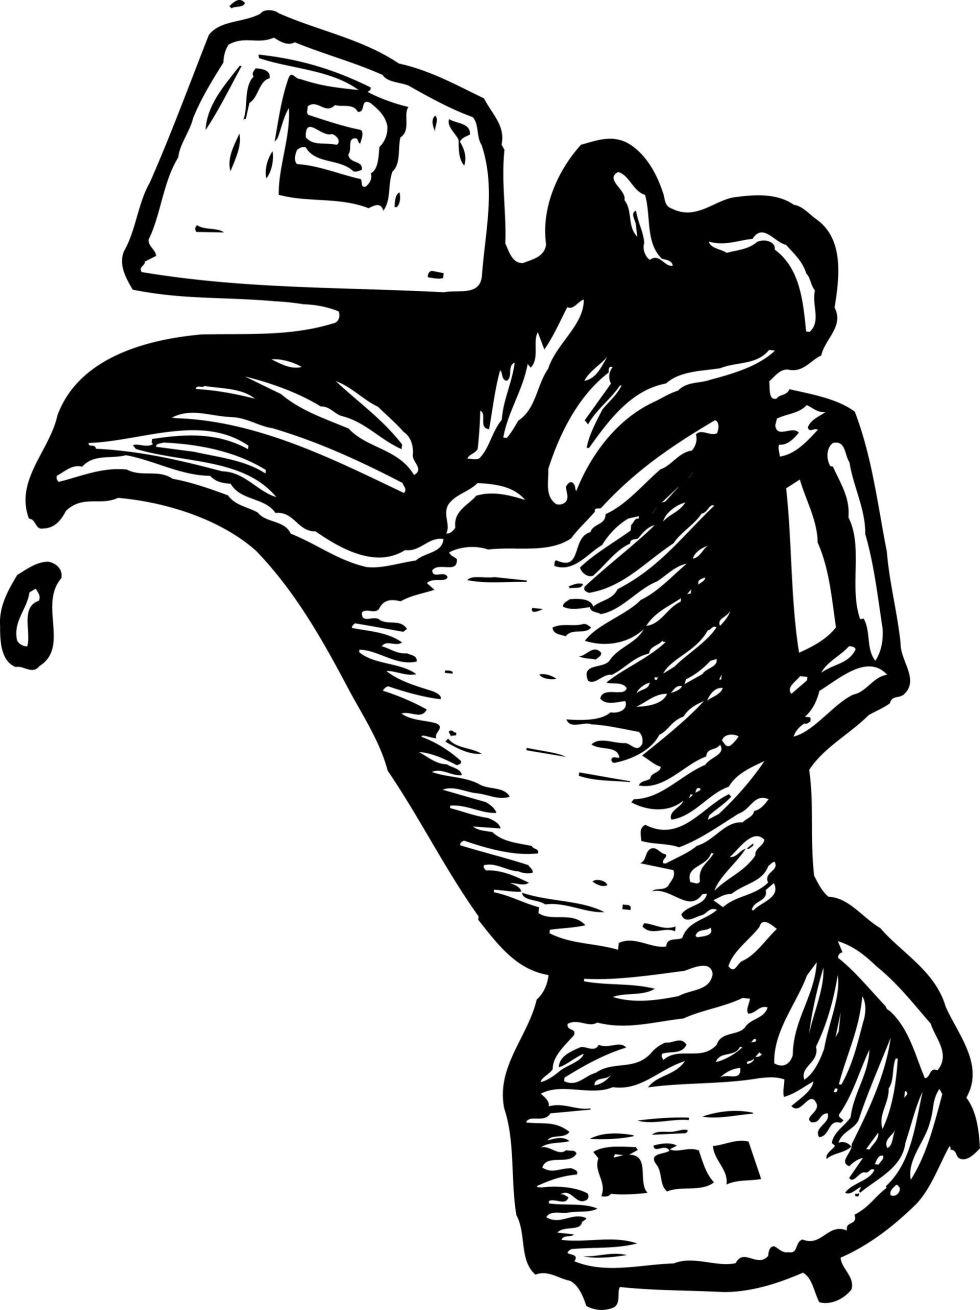 Black and white blender illustration